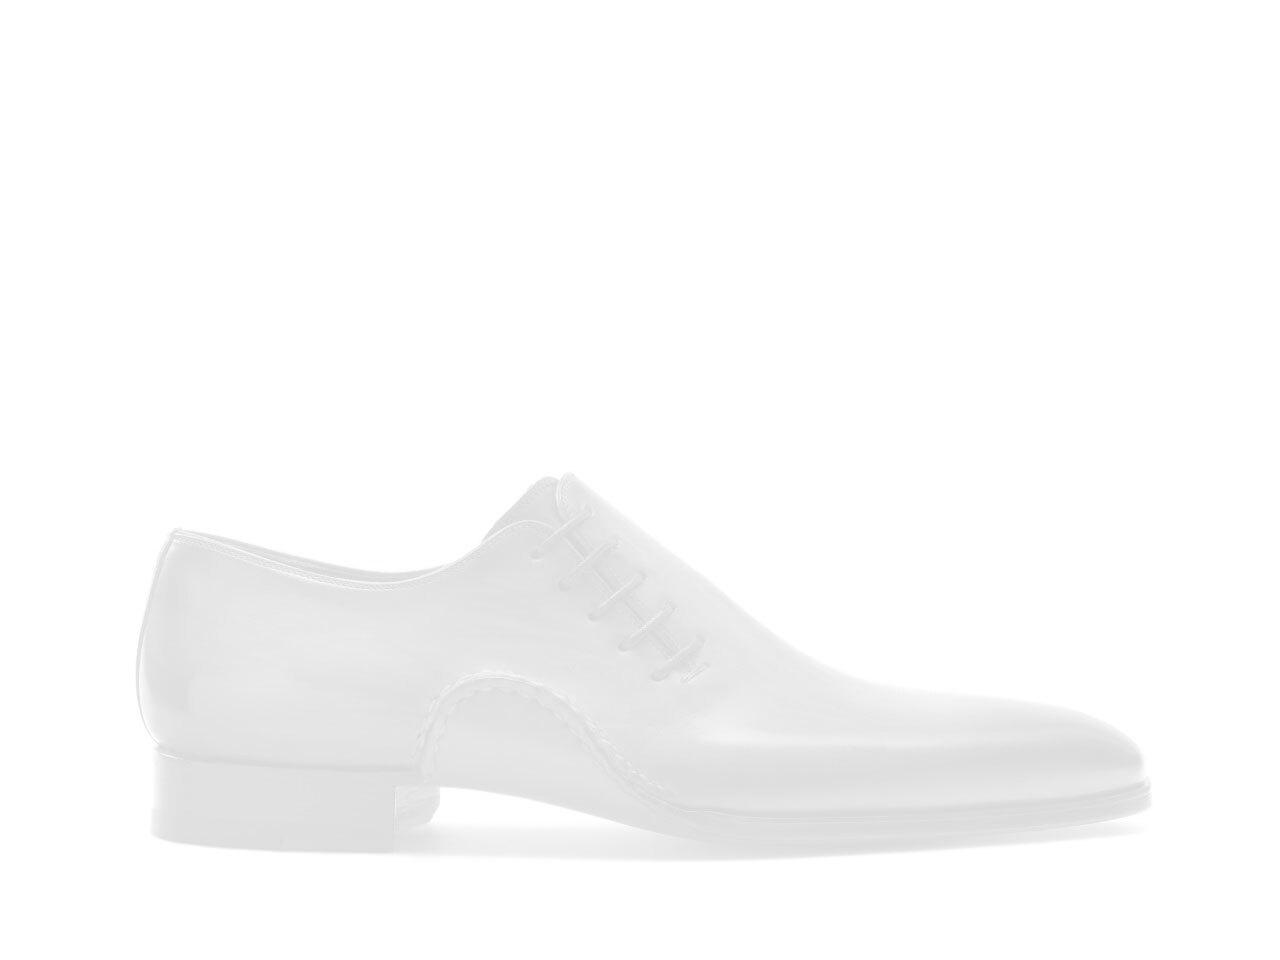 Pair of the Magnanni Saffron Black Wide Men's Oxford Shoes